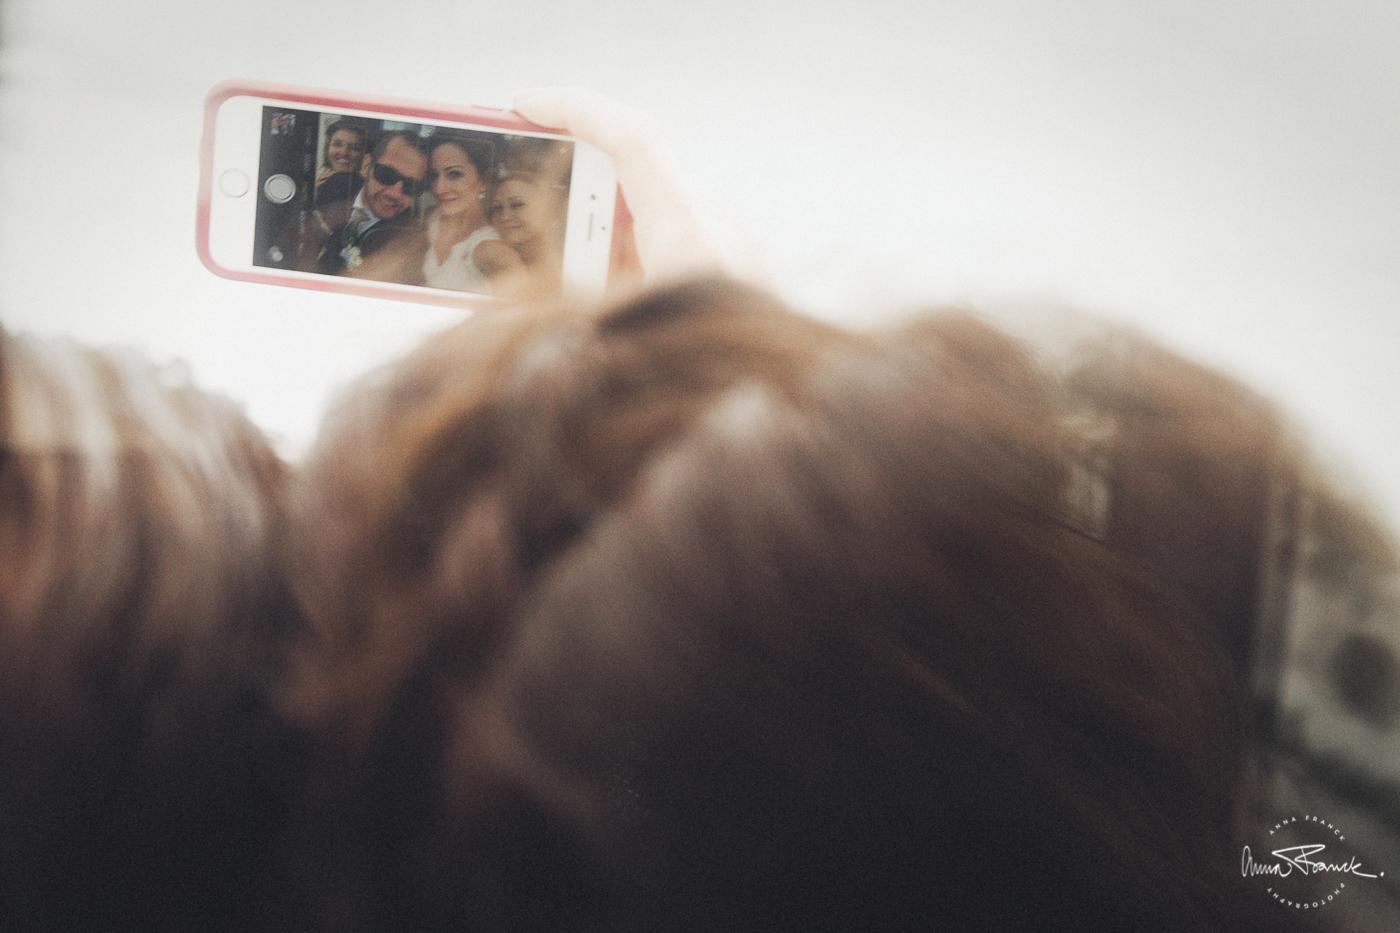 wedding, bröllop, häät, Nagu, Nauvo, Parainen, Pargas, Finland, Suomi, summer, kesä, sommar, natural, naturligt, vackert, avslappnat, relaxed, Finnish, dress, hääpuku, bröllopsklänning, bukett, kukat, flowers, porträtt, muotokuva, portraits, fotograf, stockholm